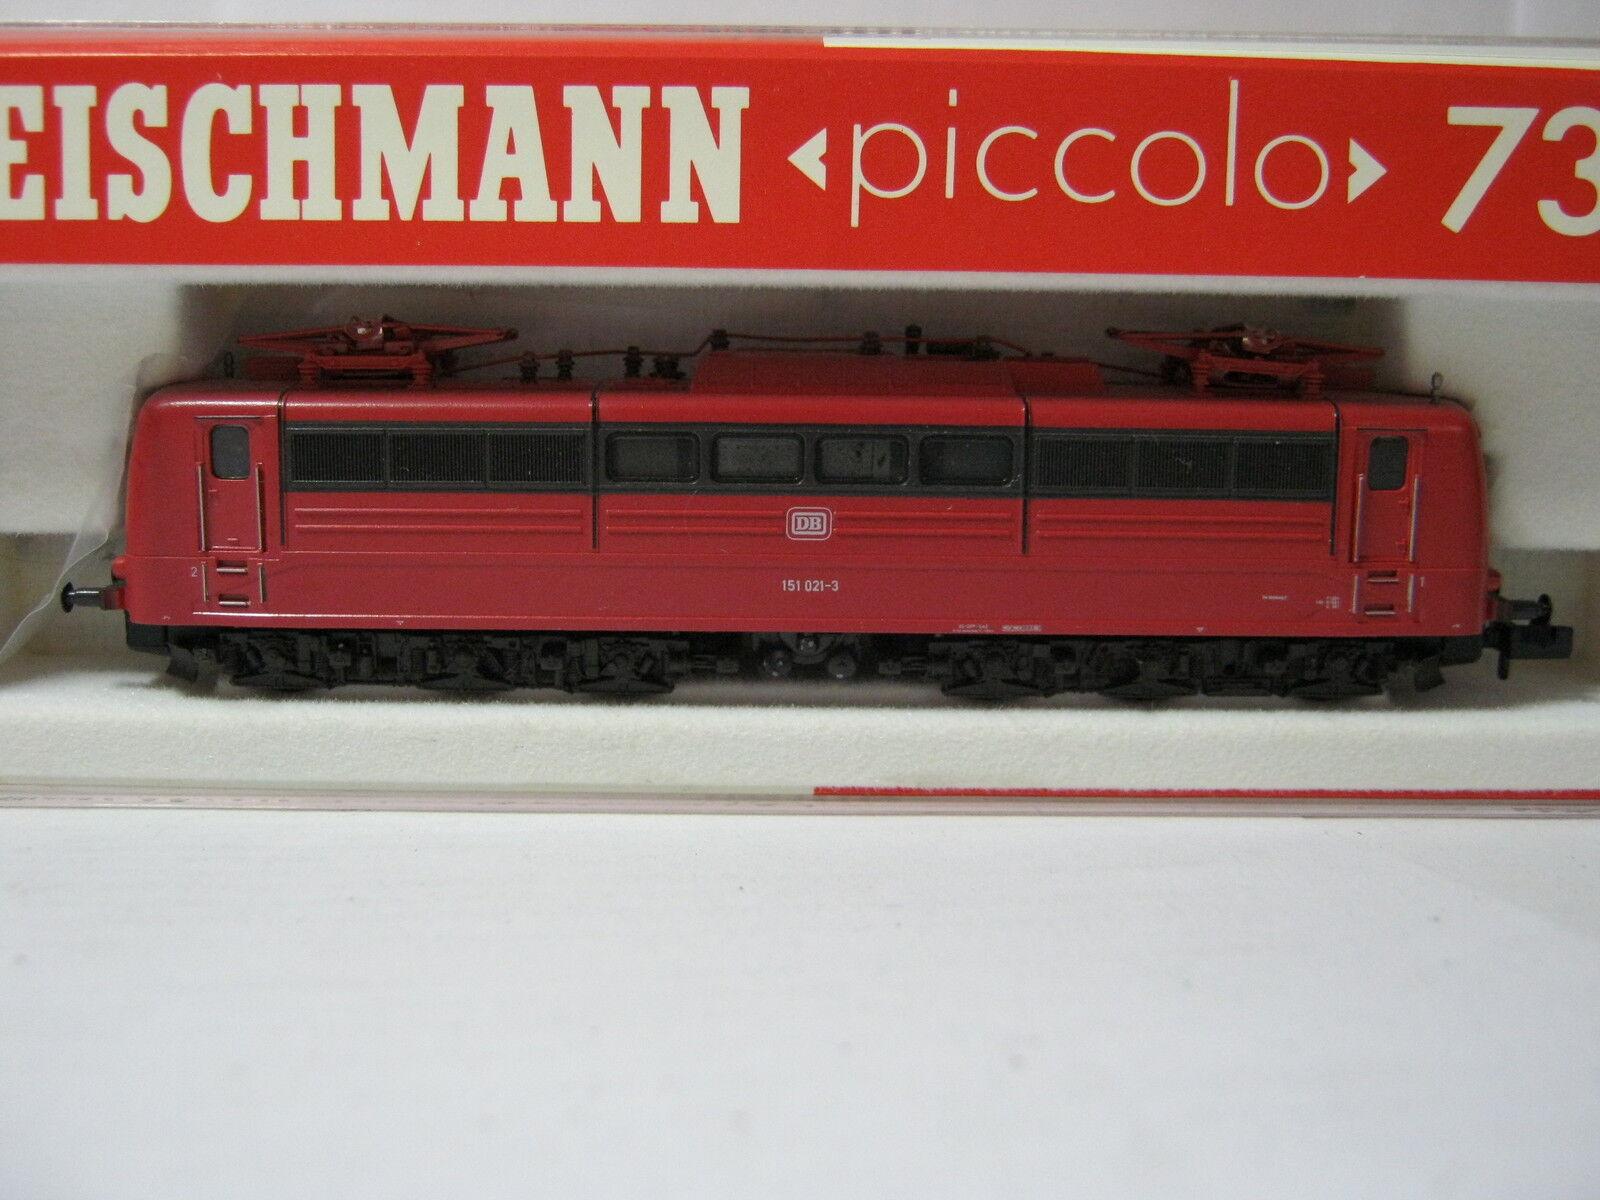 Fleischmann N 7382 LOCOMOTIVA ELETTRICA BR 151 021-3 DB orientrot  rg/br/71s3